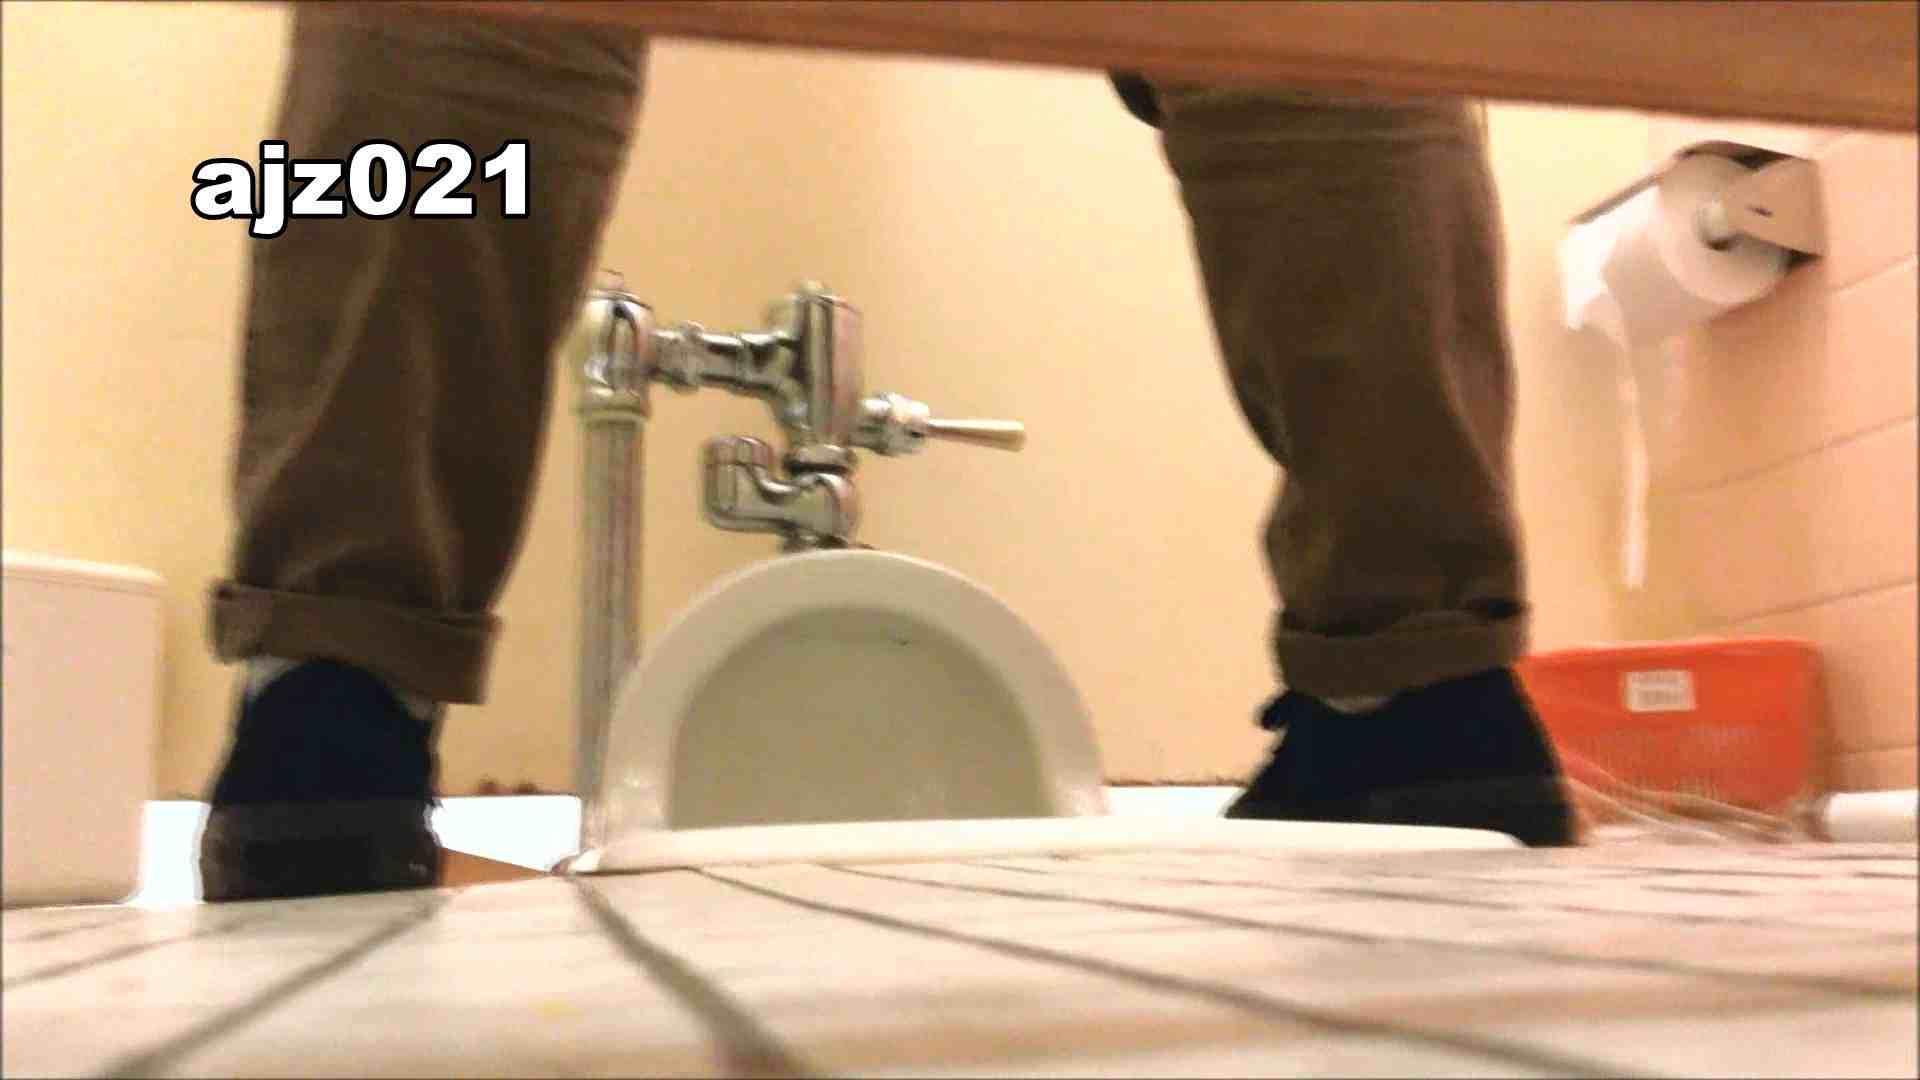 某有名大学女性洗面所 vol.21 和式 | 洗面所着替え  97連発 46